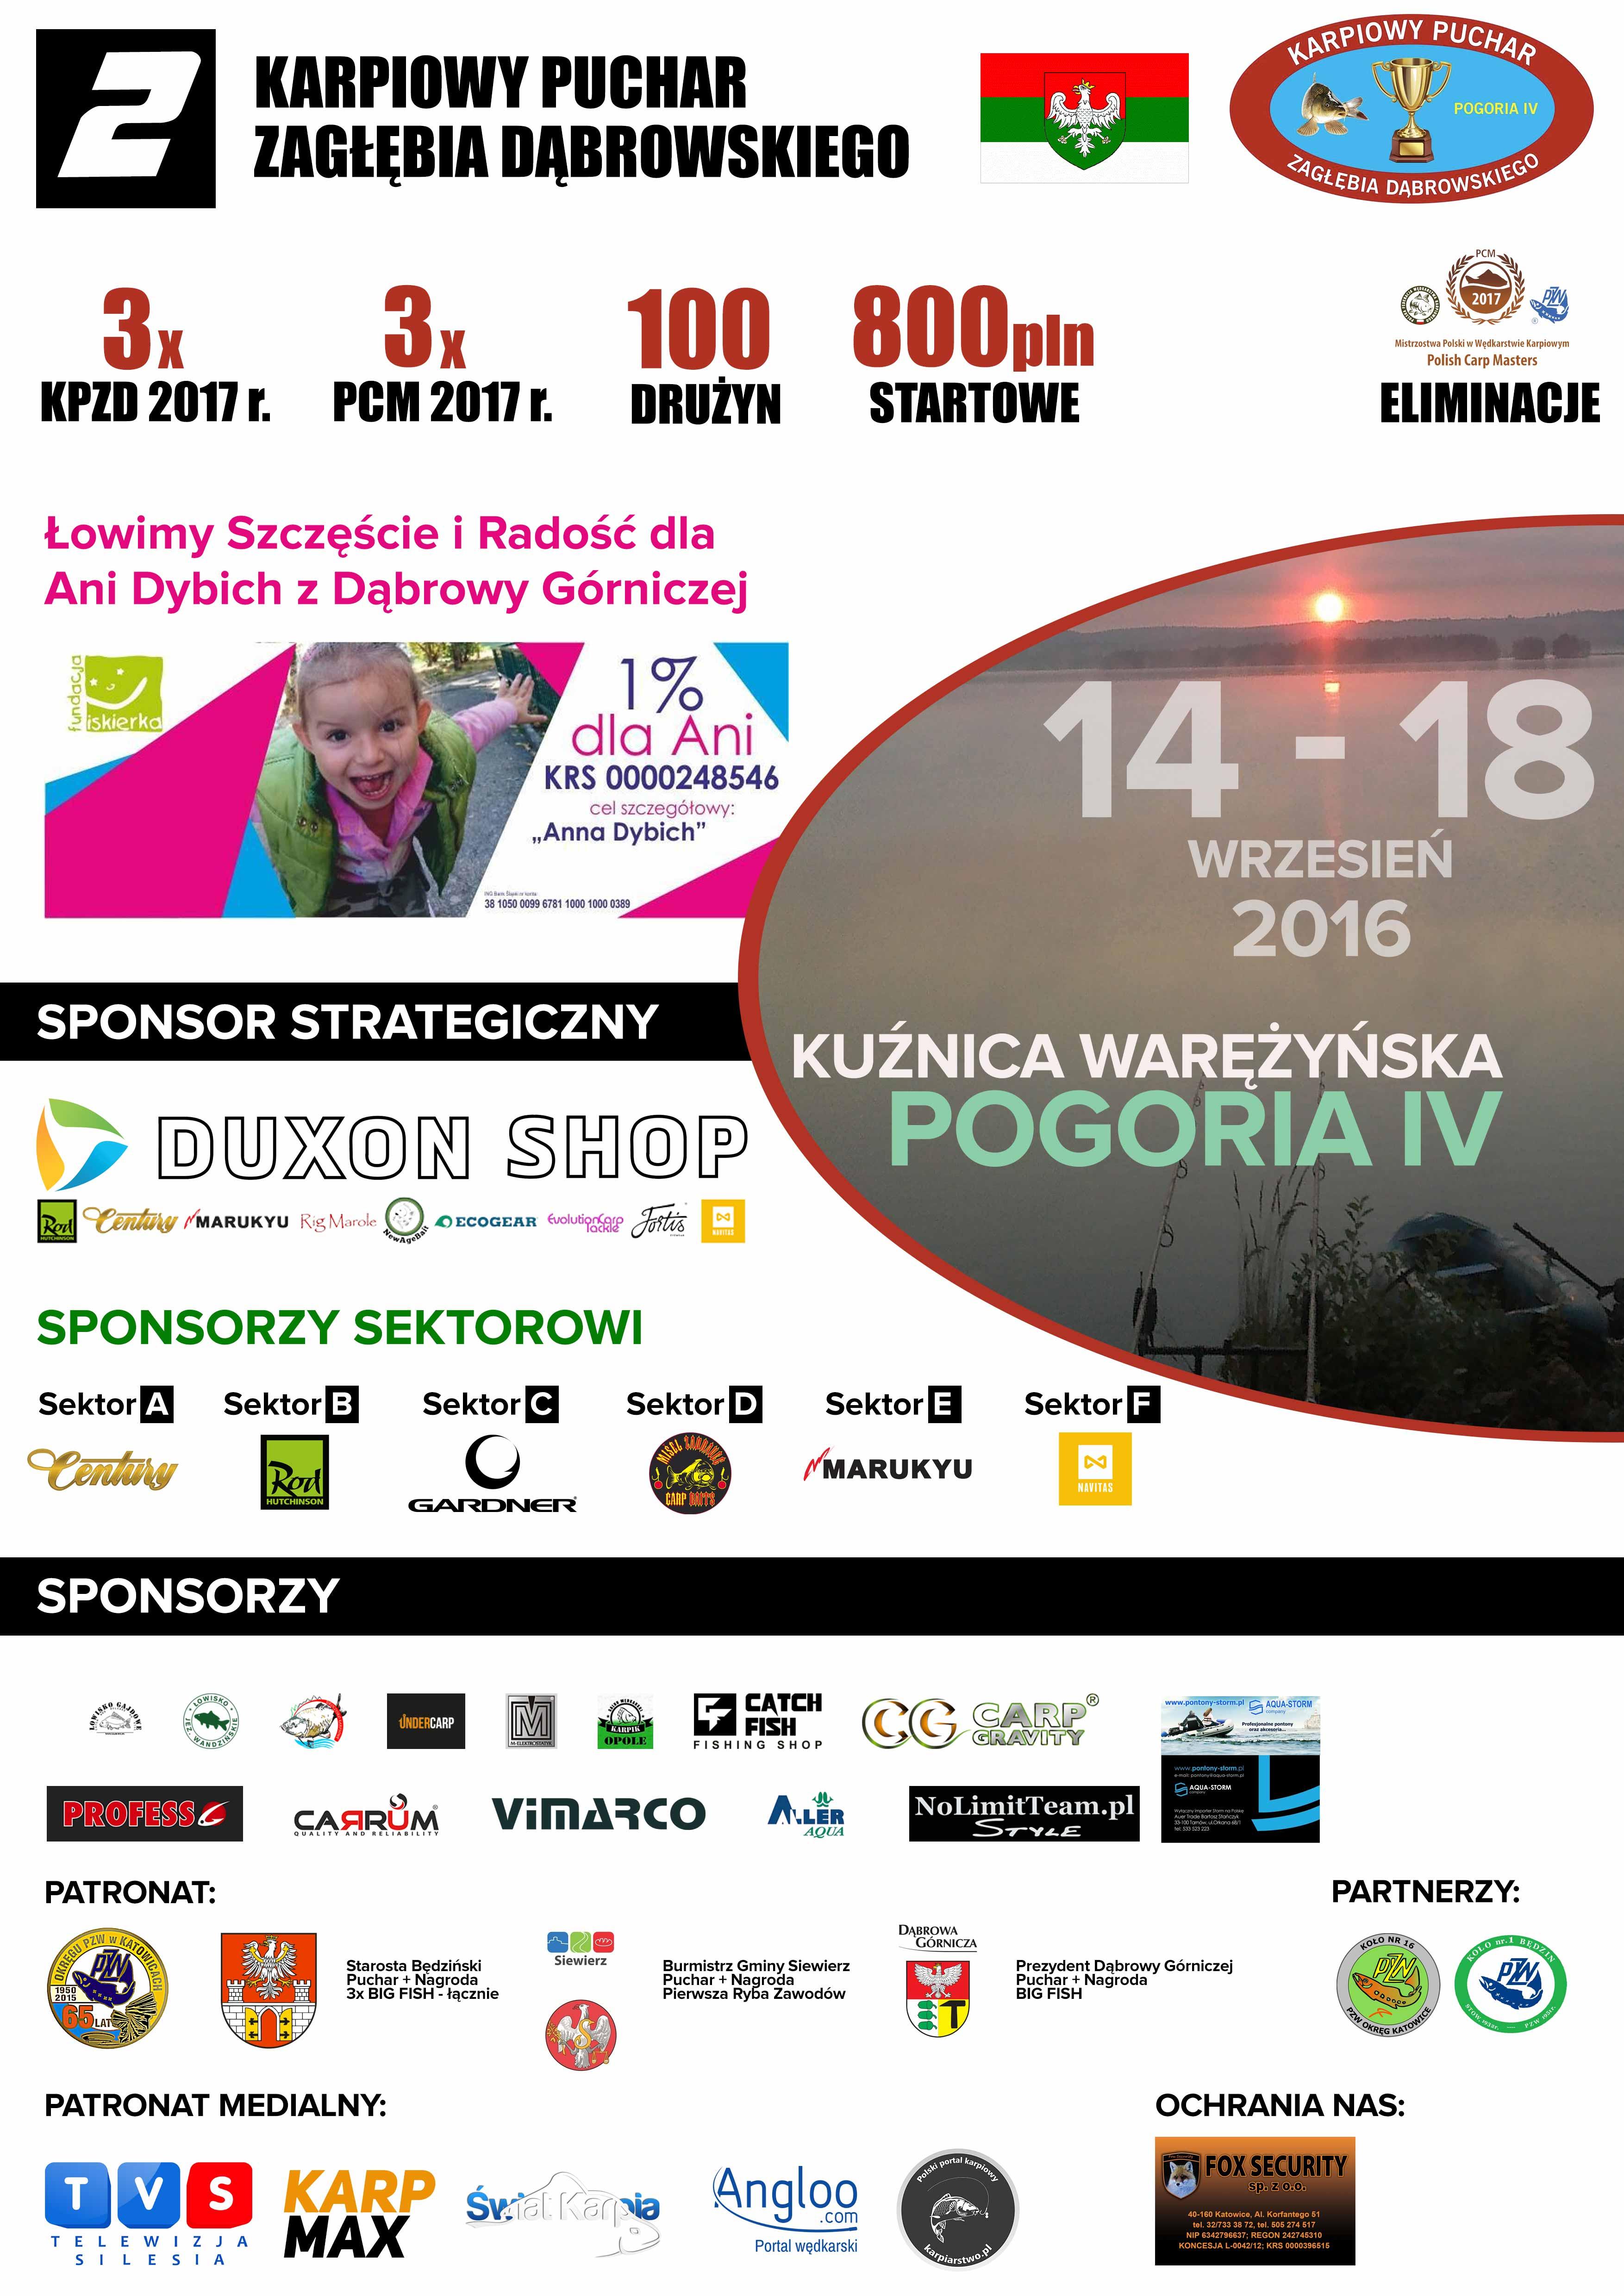 II Karpiowy Puchar Zagłębia Dąbrowskiego